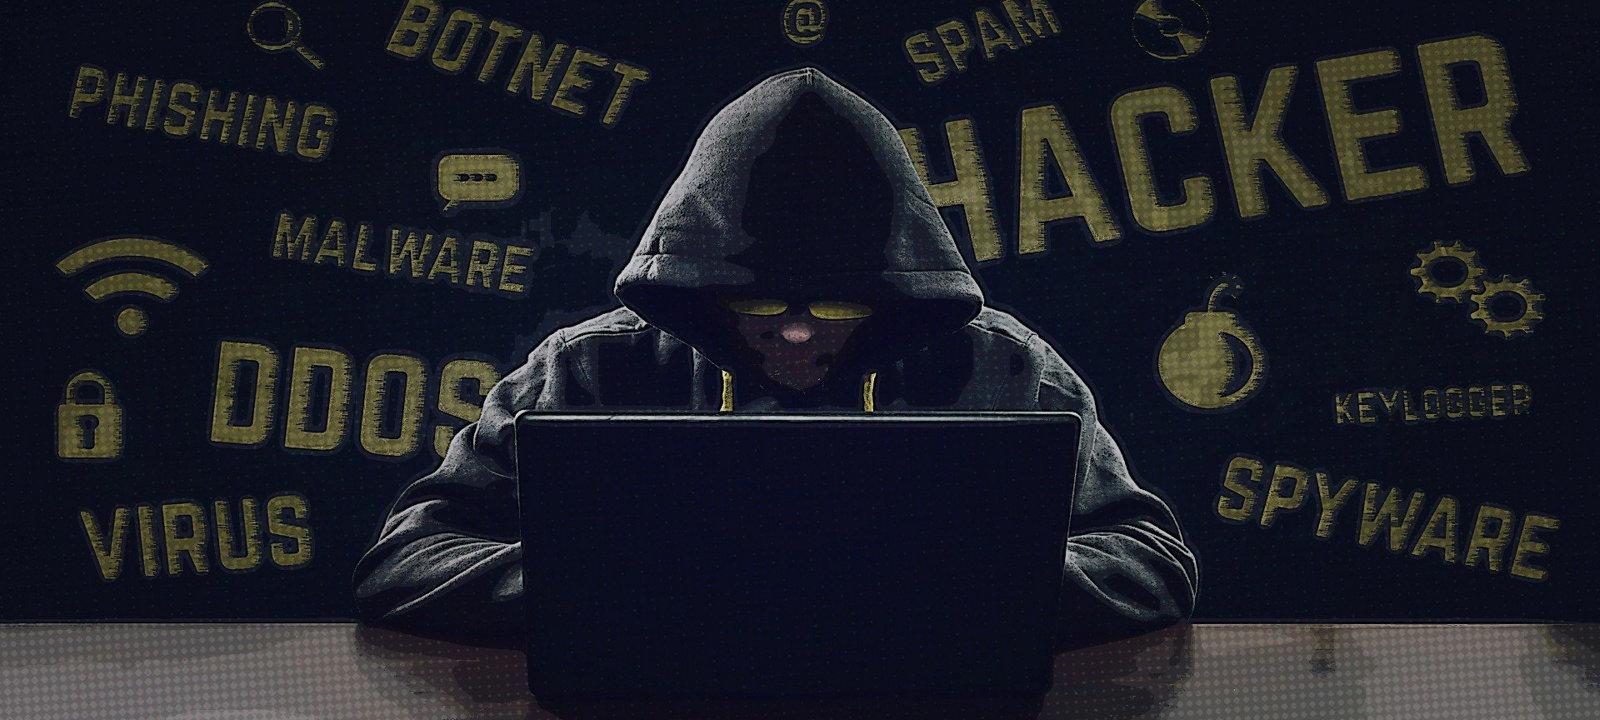 Фундаментальные основы хакерства. Распределение динамической памяти и указатели